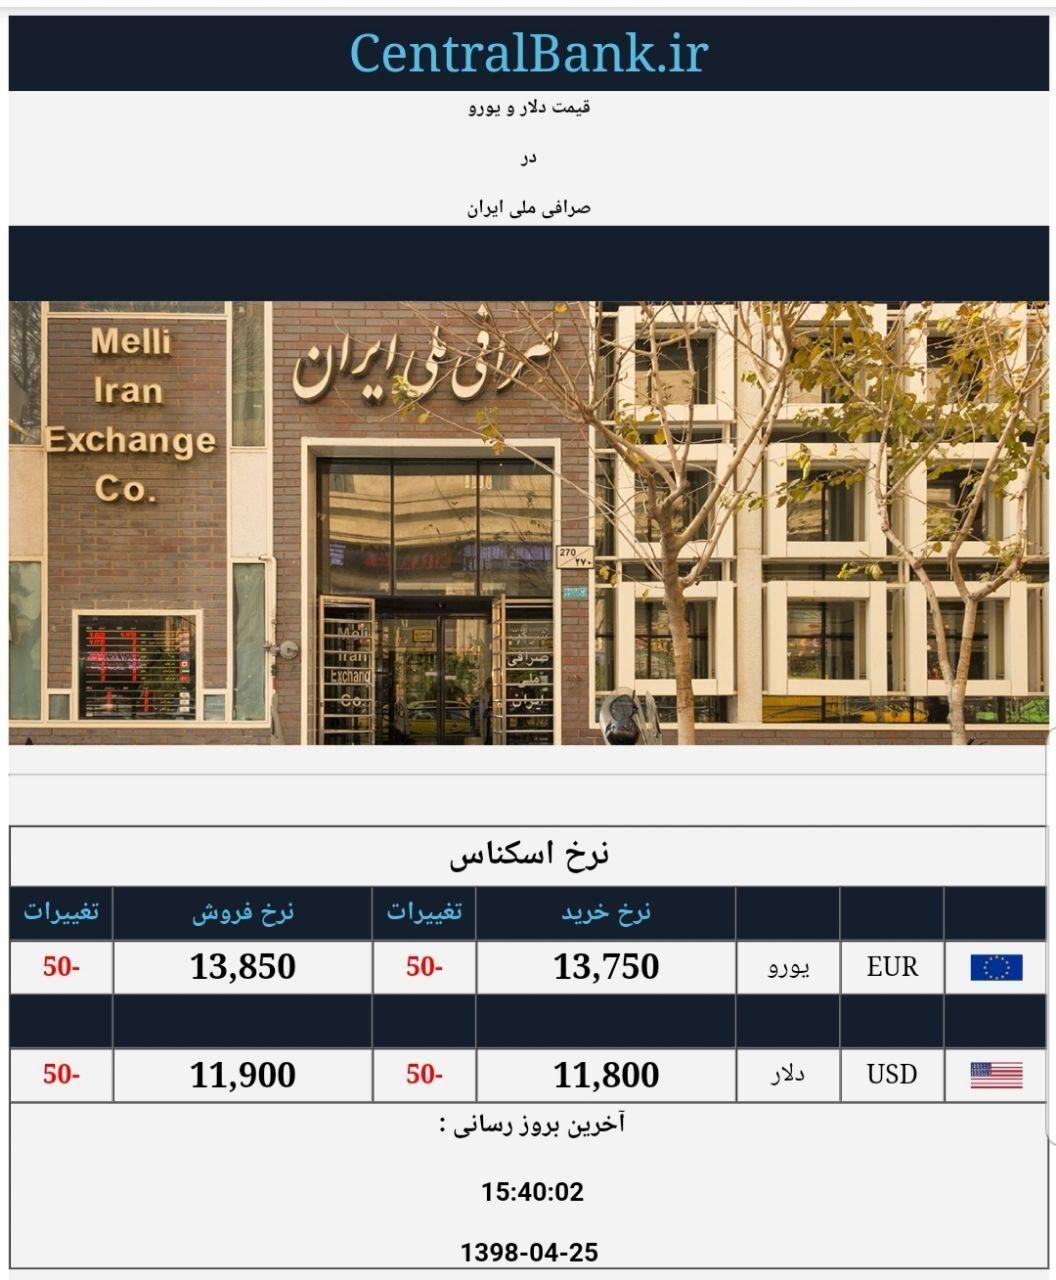 قیمت دلار و یورو در صرافی ملی امروز ۱۳۹۸/۰۴/۲۵| ماندن دلار در کانال ۱۱ هزارتومان